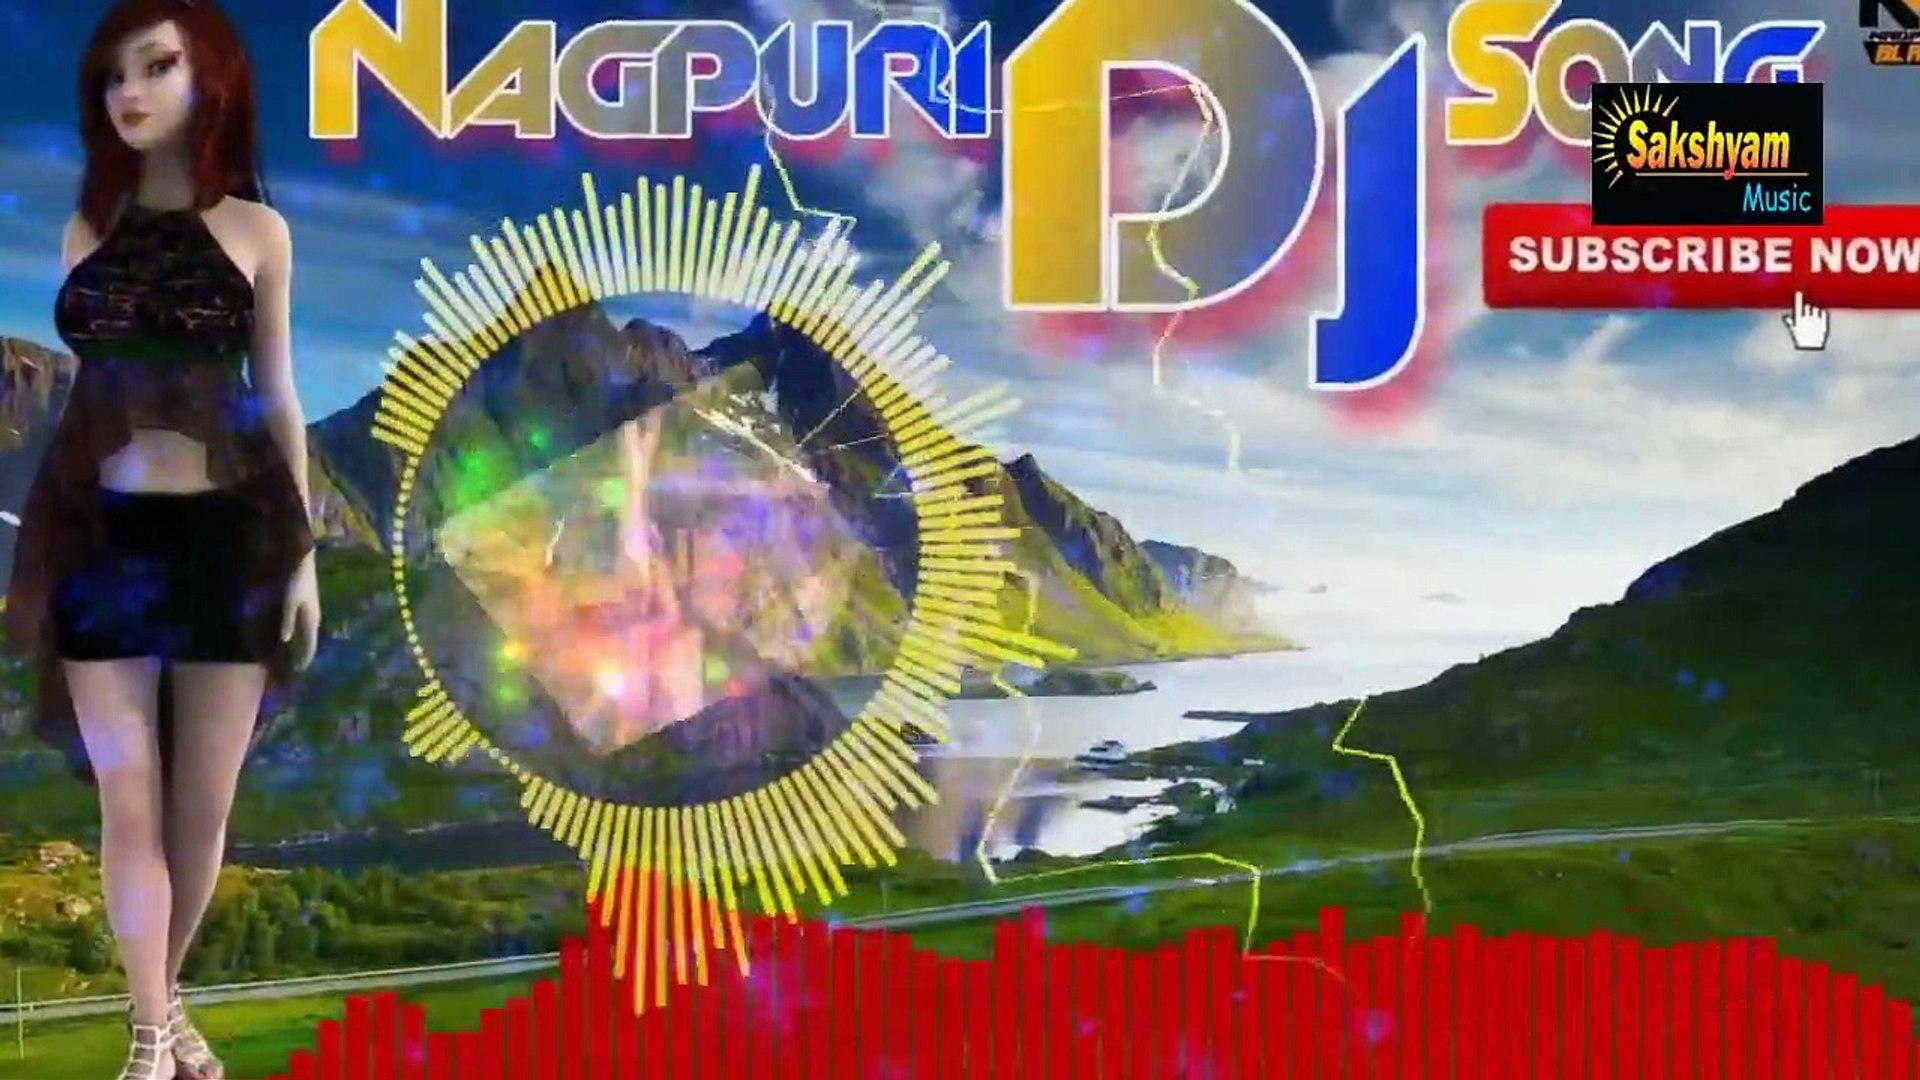 Nagpuri song 2019 dj mp3 _ Dada Kar Shadi Mein Aalo Barati _ Nagpuri song _  New Nagpuri dj Song 2019